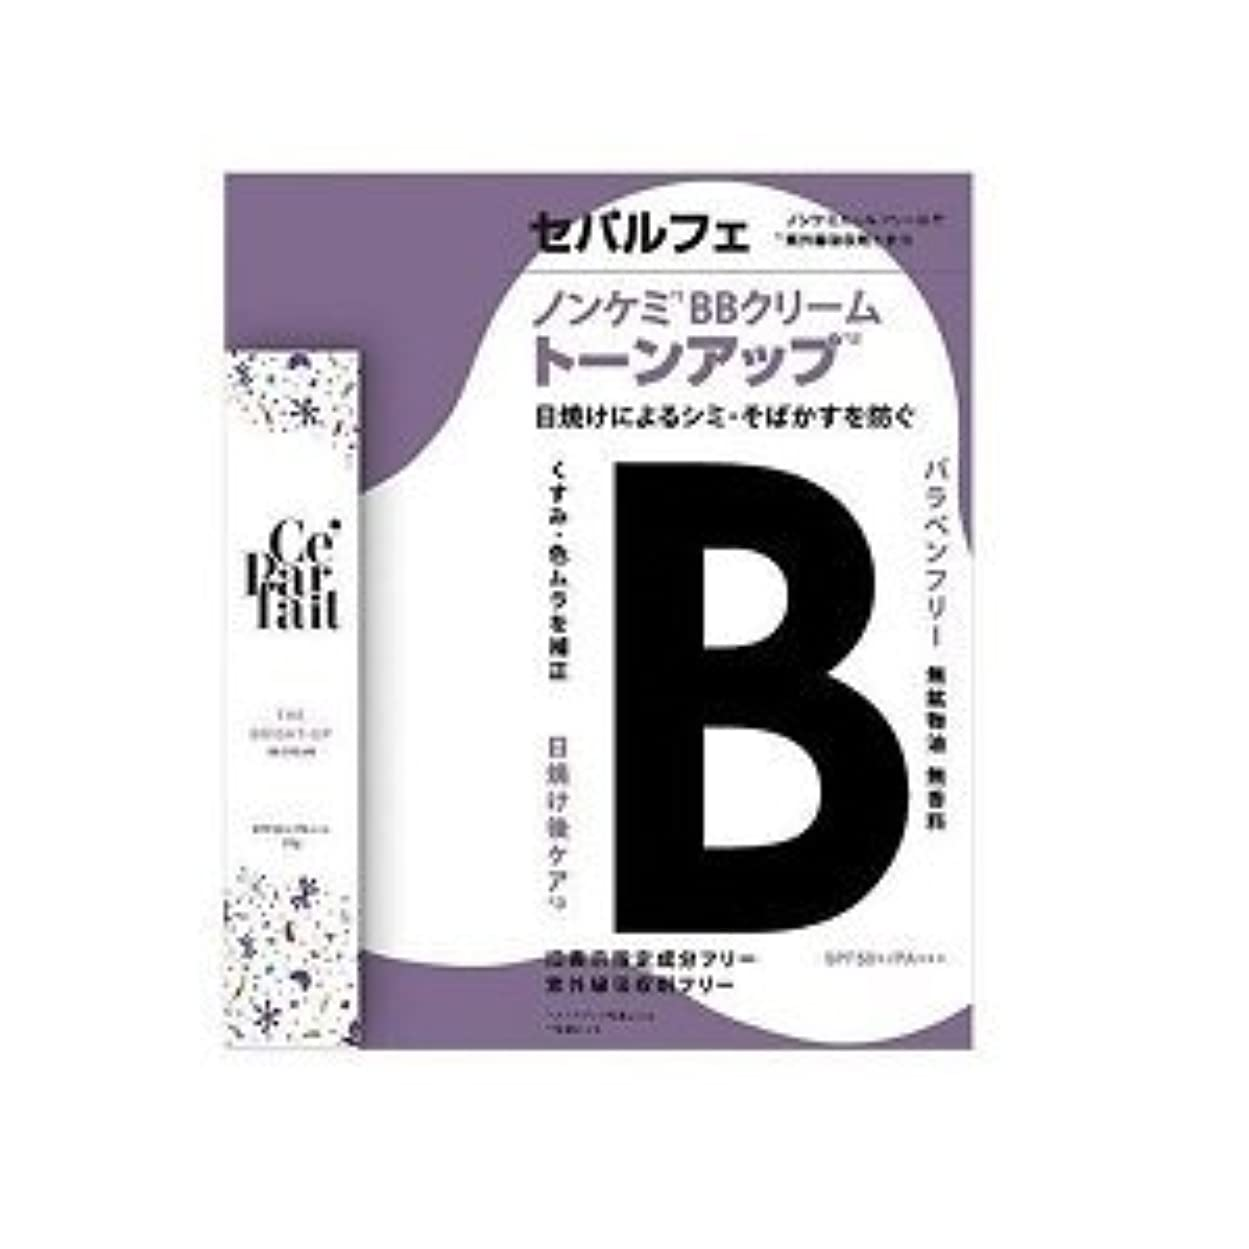 結論コードアルミニウムセパルフェ ザ ブライトアップ BBクリーム 20g